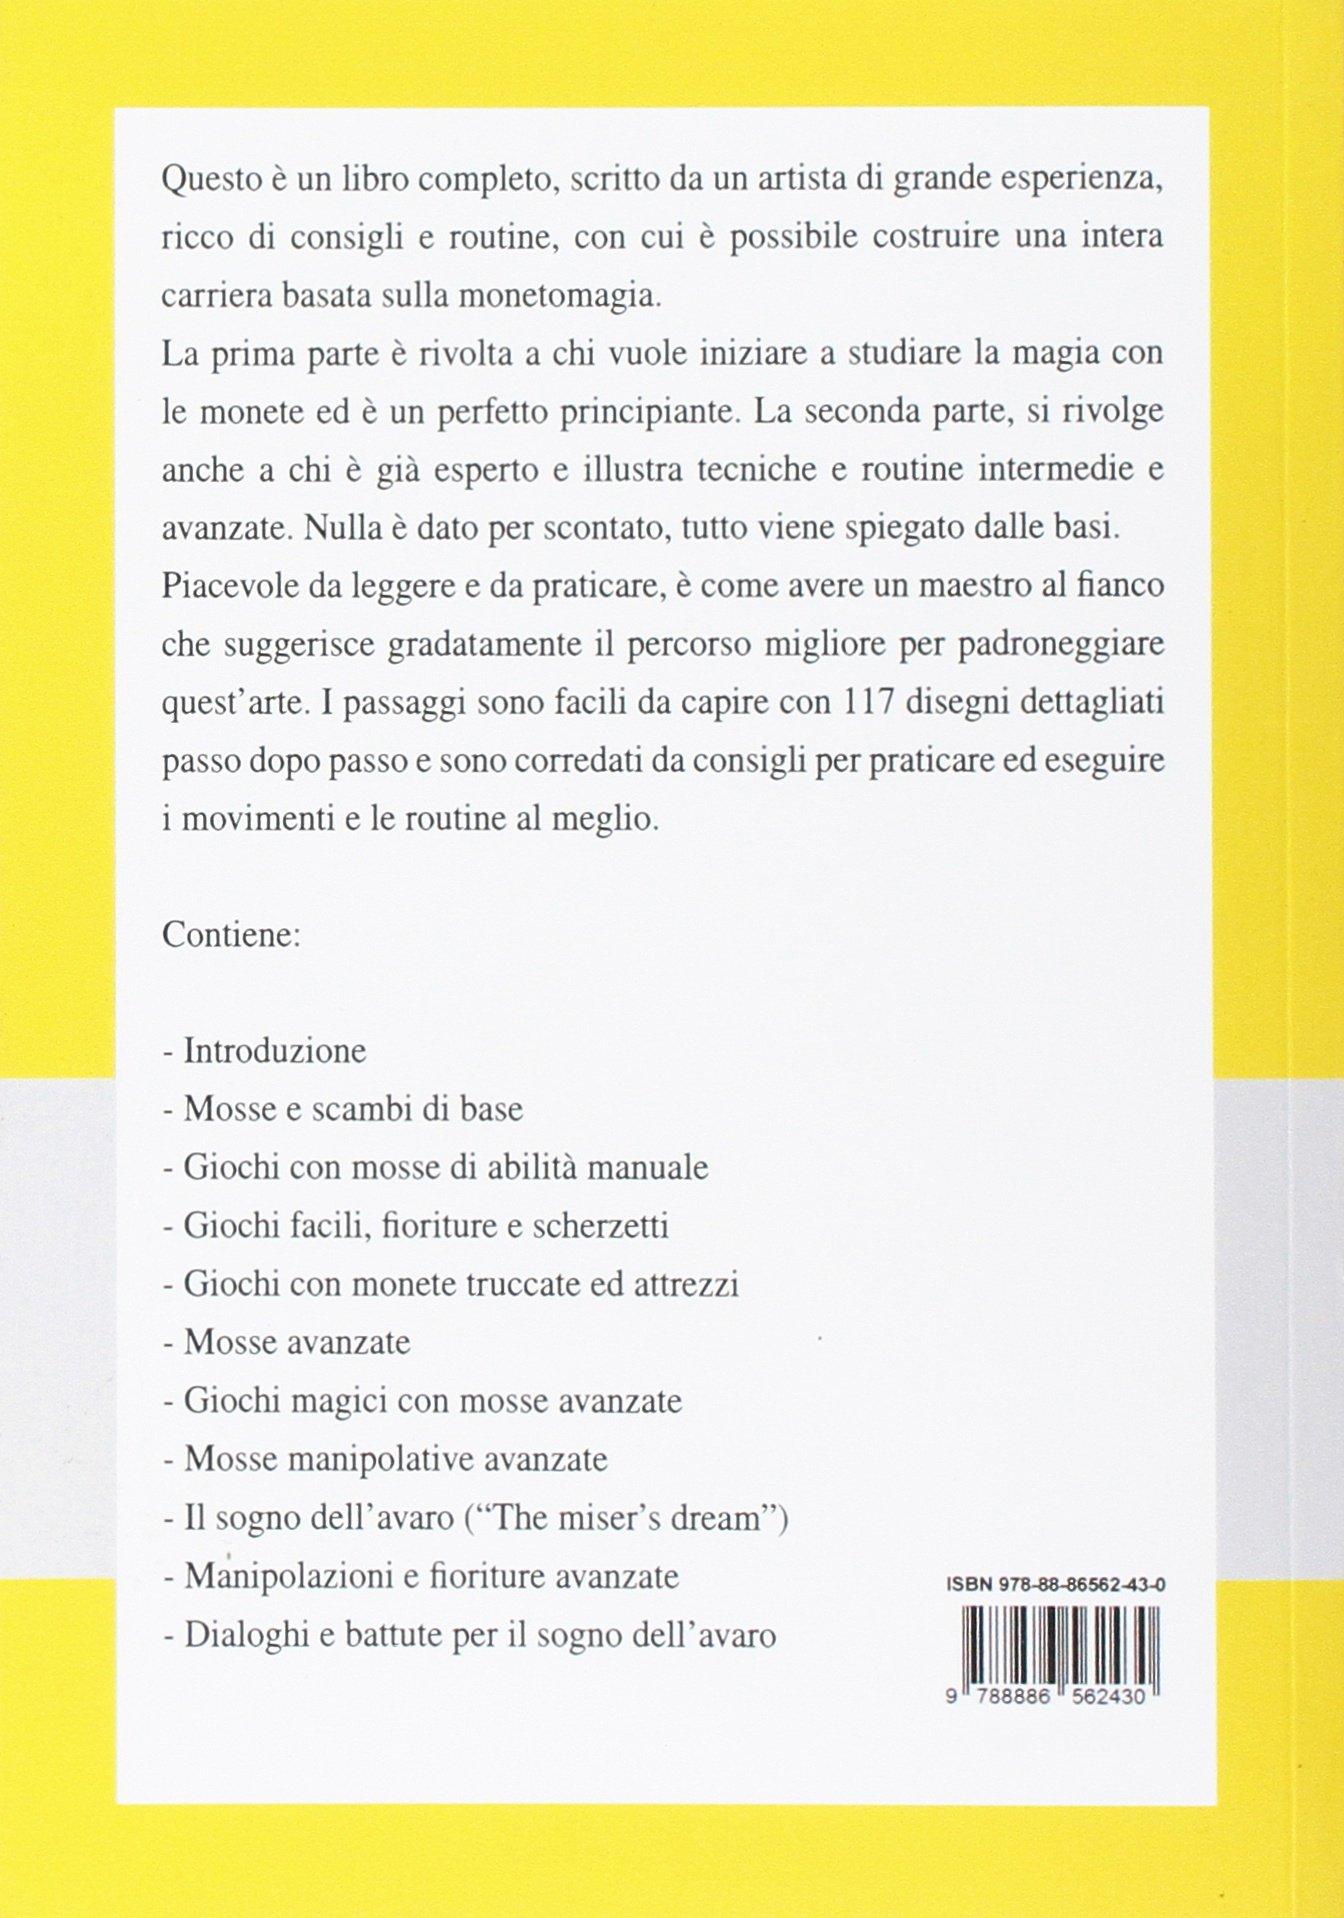 a7ca812e5d Amazon.it: Magia con le monete - Jean Hugard - Libri